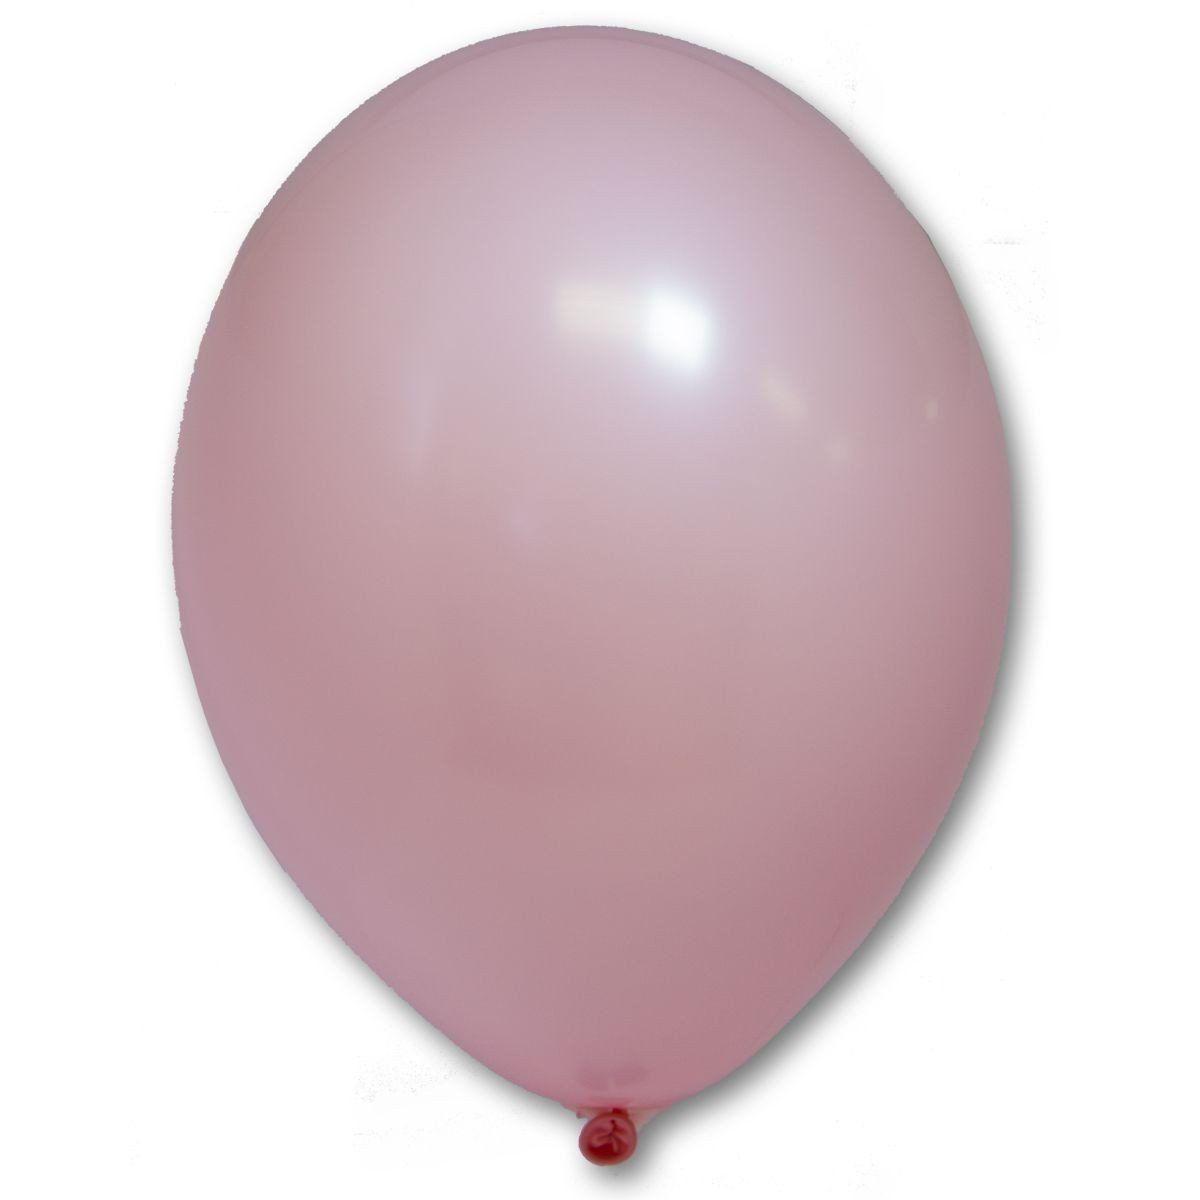 Belbal В105/004 Пастель розовый (светлый) (50 шт)